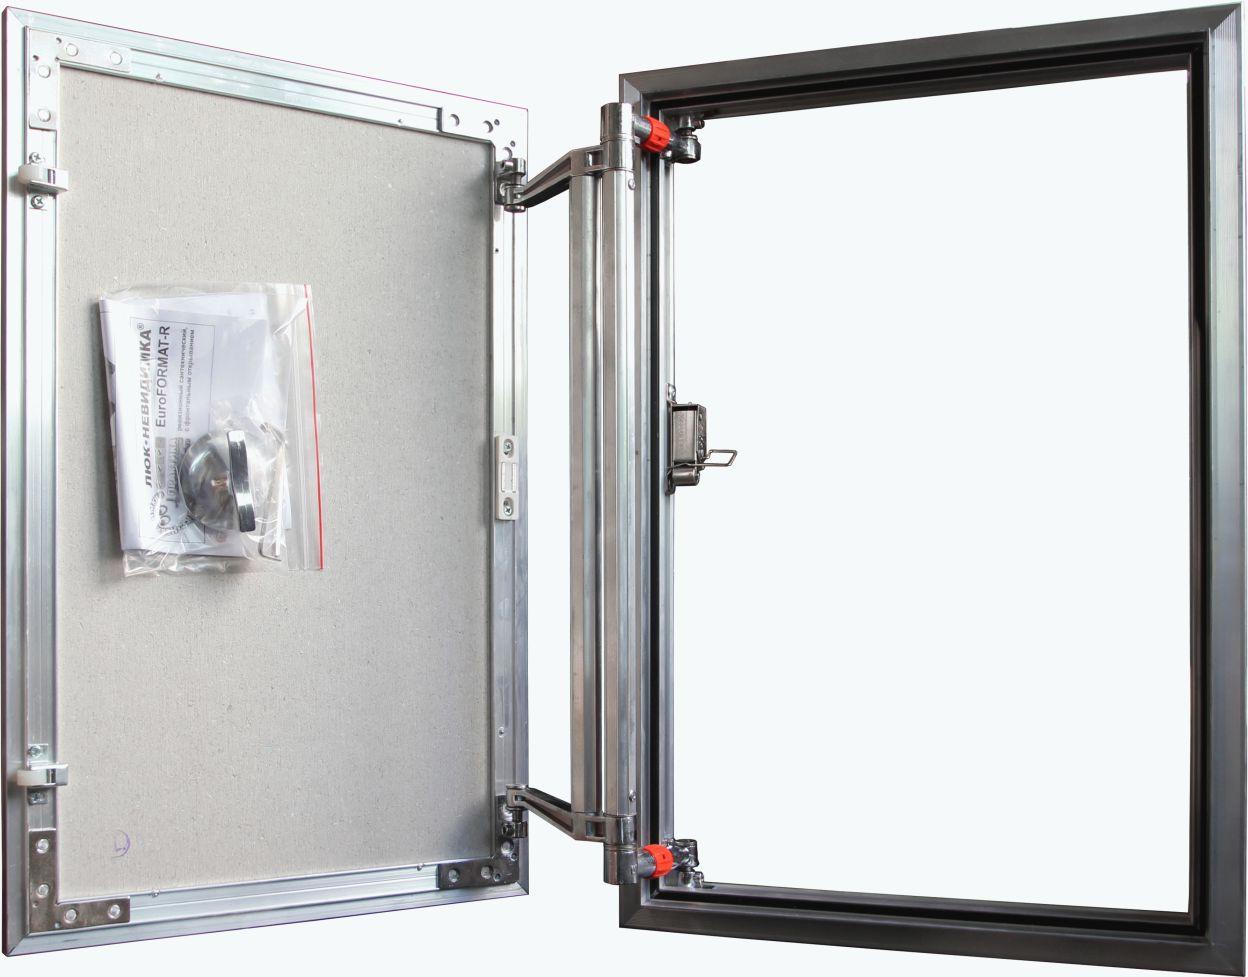 Люк ревизионный 200х300 мм под плитку алюминиевый EuroFORMAT-R Практика латунь листовая размер 300 на 200 мм дешево толщина 0 5 мм екатеринбург